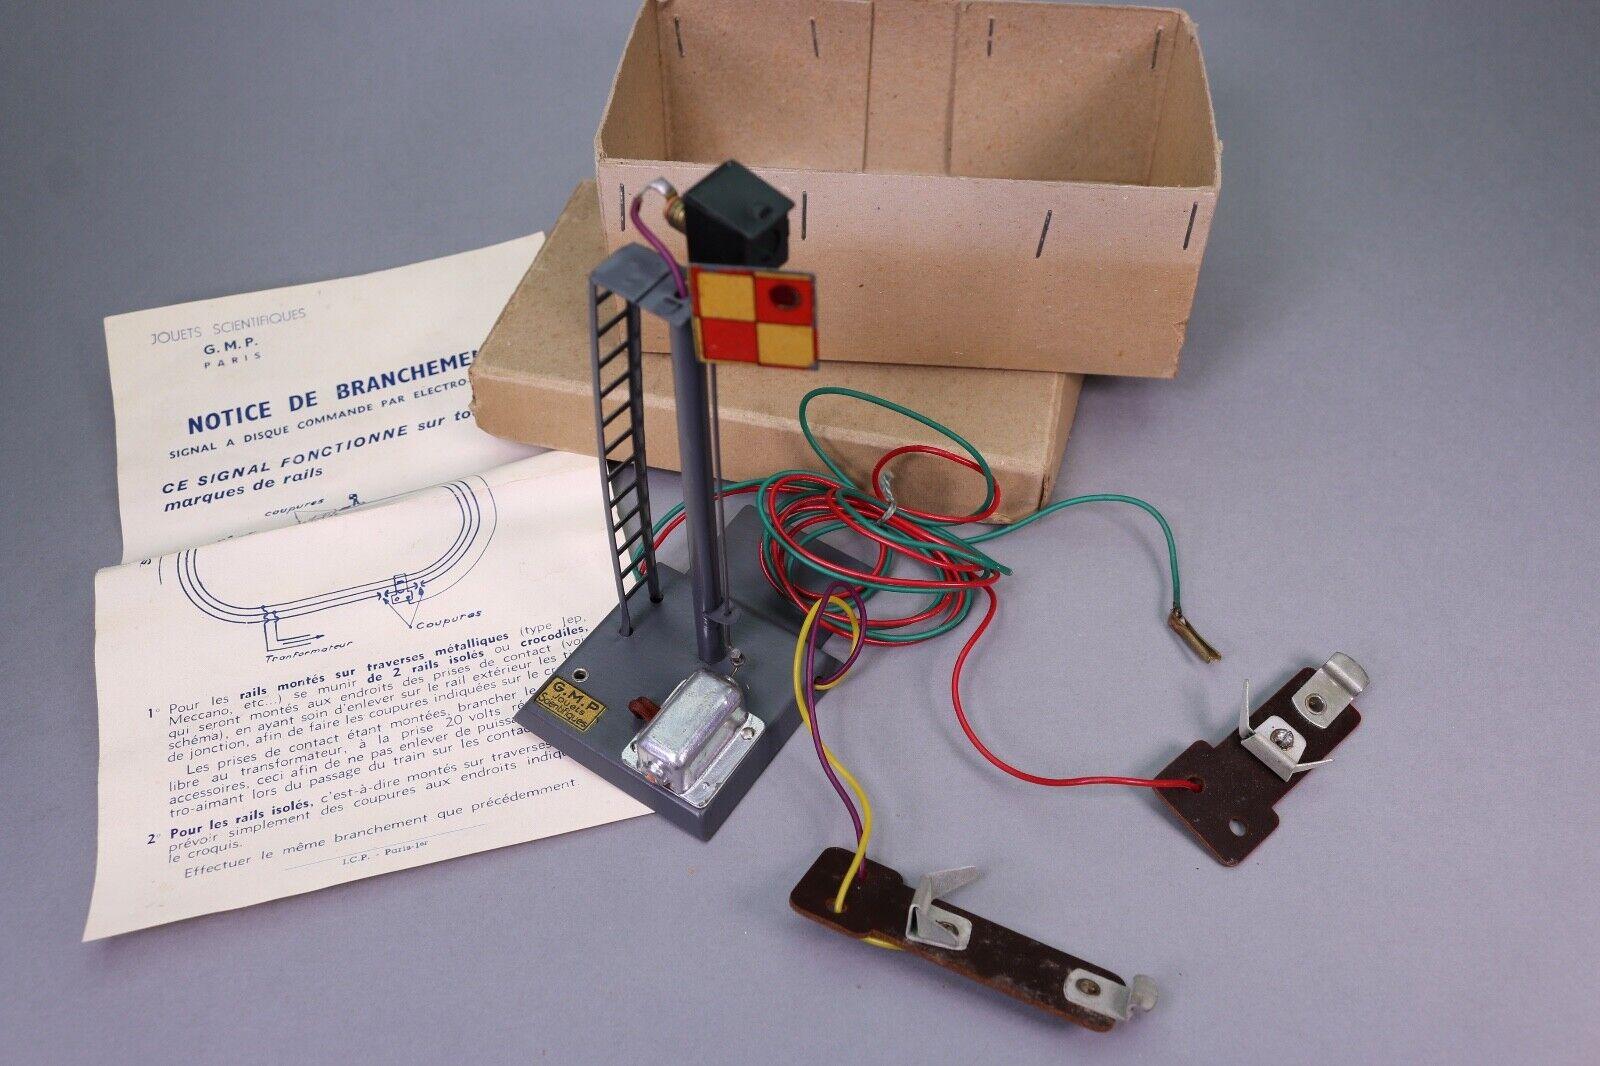 ZA356 GMP Train rail O Signal a disque commande par electro aimant